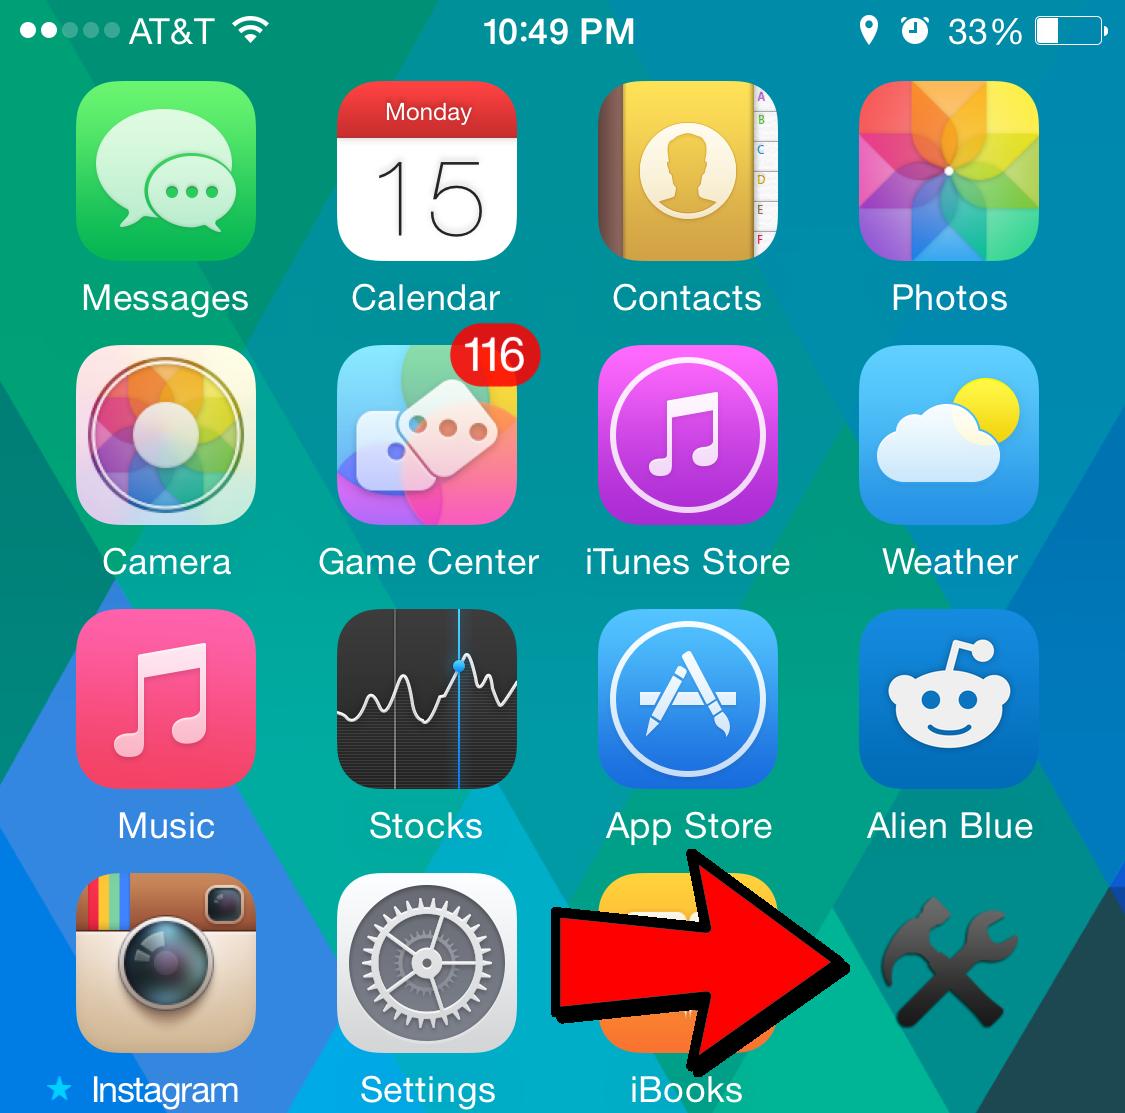 iOS 8.0-8.1.2 untethered jailbreak: Best jailbreak apps and tweaks of the week